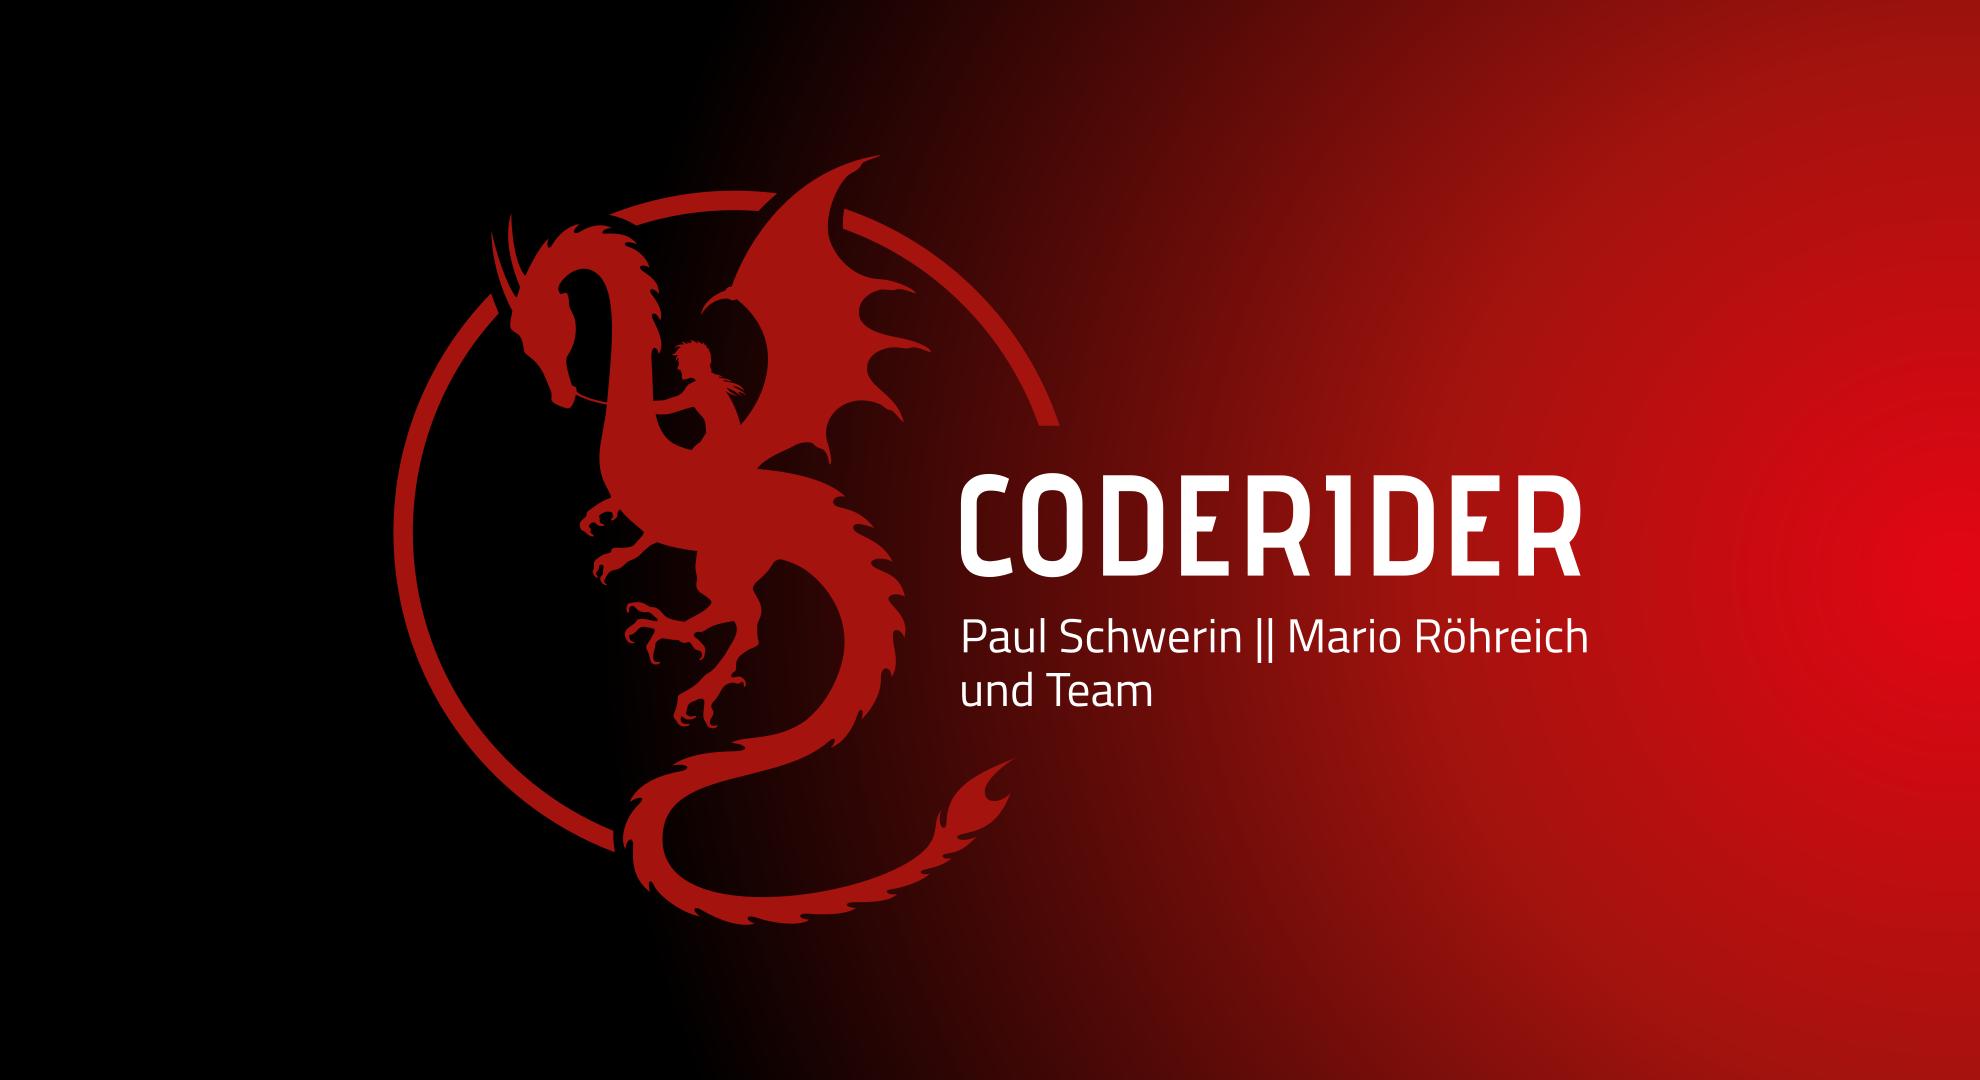 CODERIDER GmbH